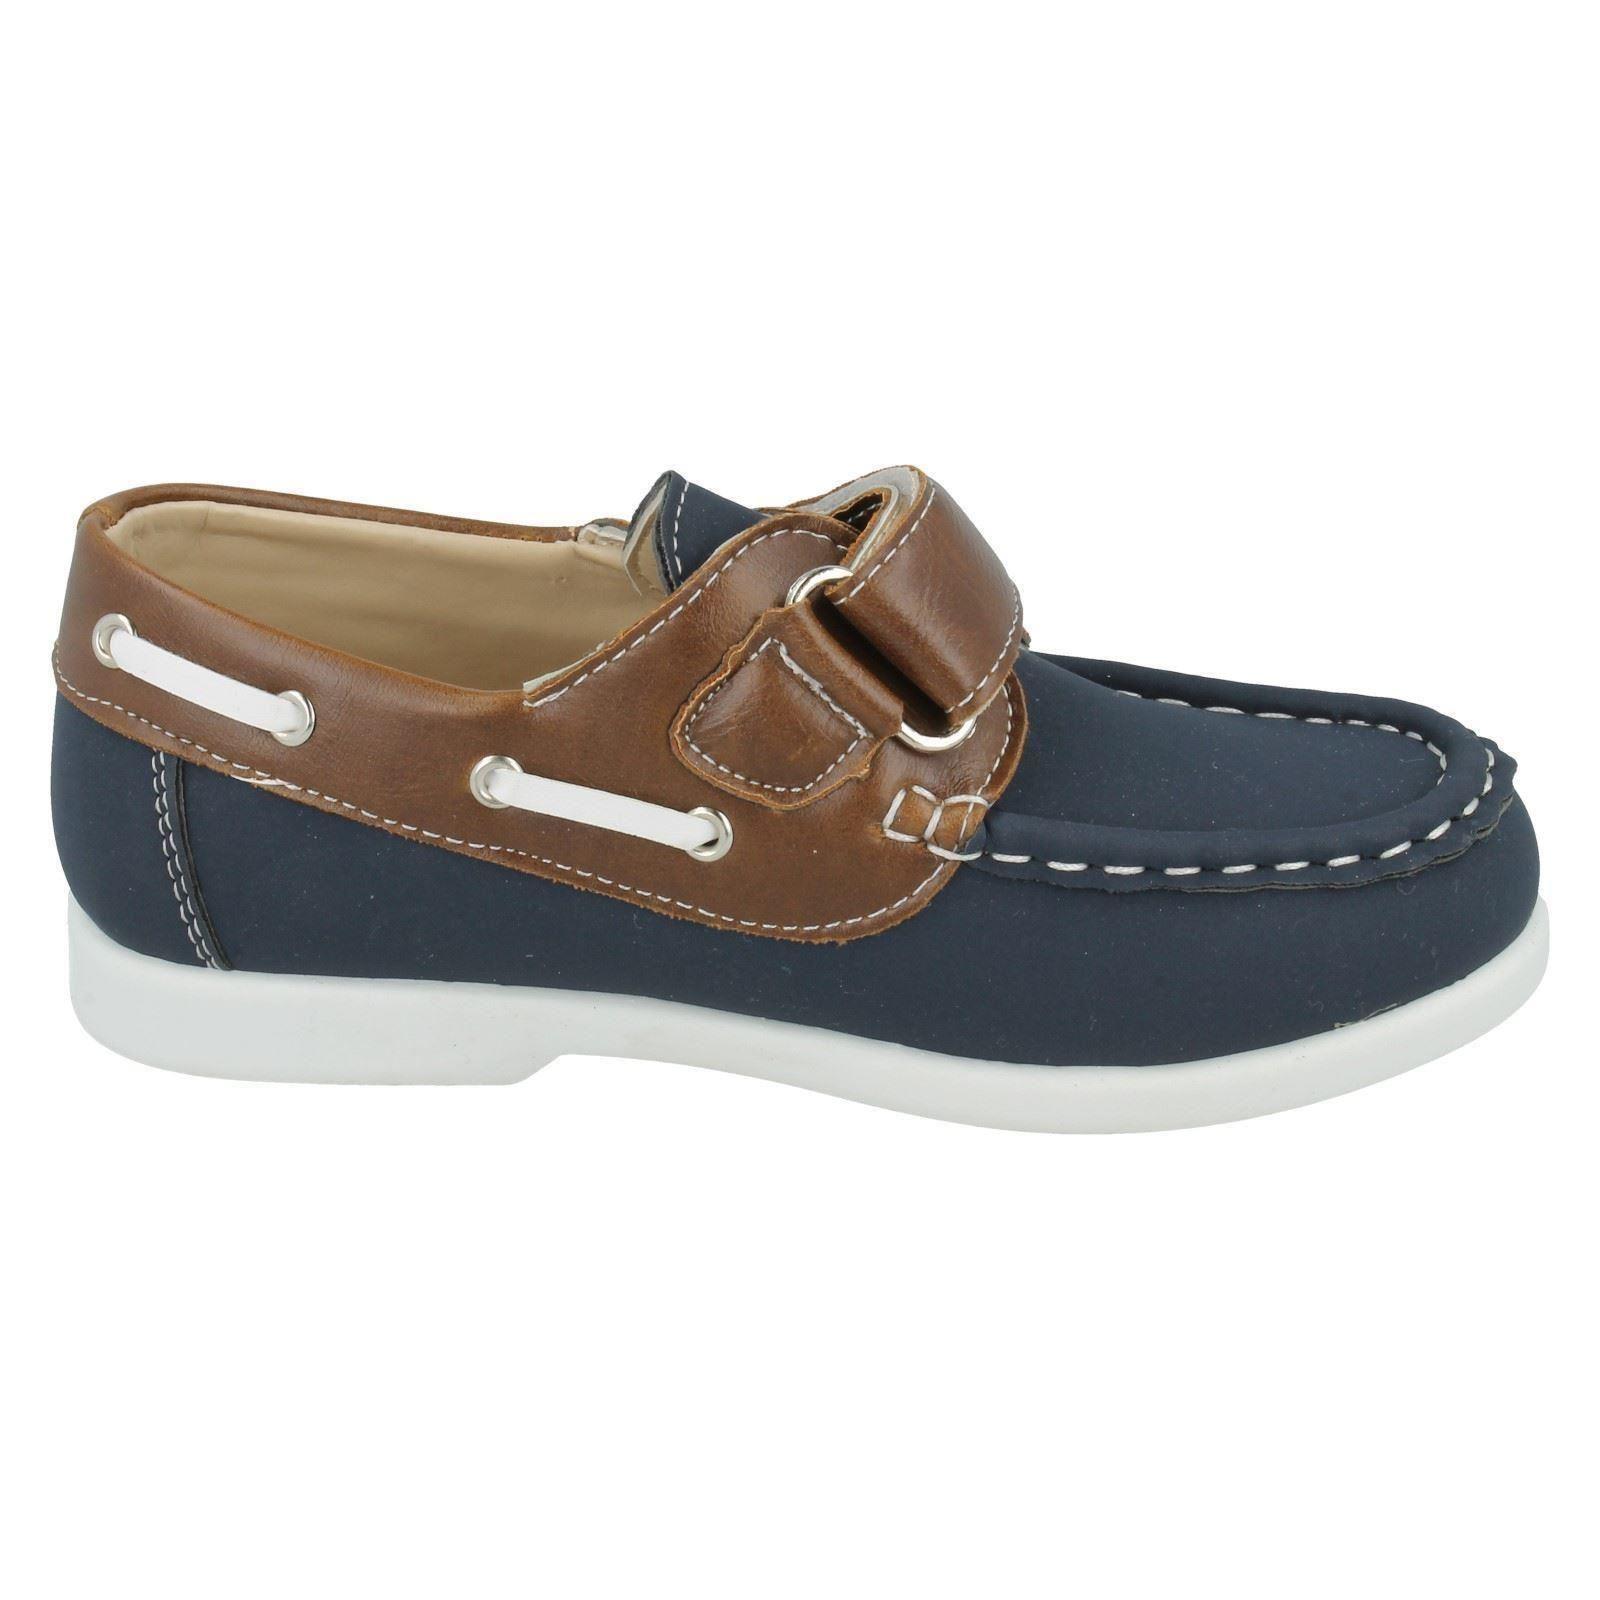 Muchachos Jcdees Zapatos Estilo-N1108